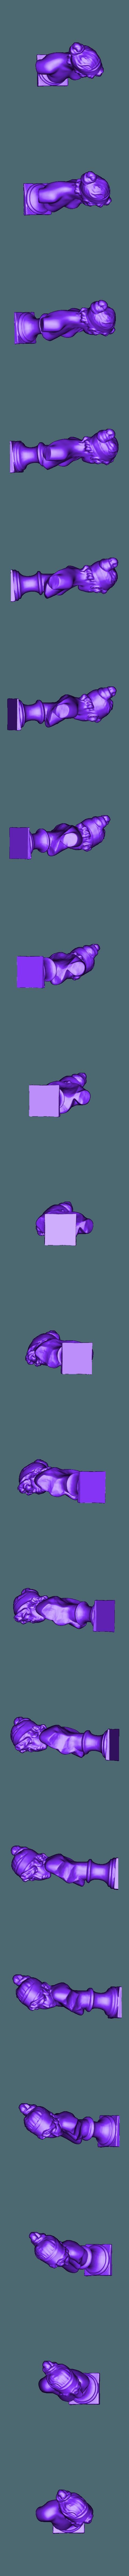 Slic3r_friendly_pt5_scale_tilted.stl Télécharger fichier STL gratuit Buste de Sappho • Design à imprimer en 3D, dodoharrylazarus